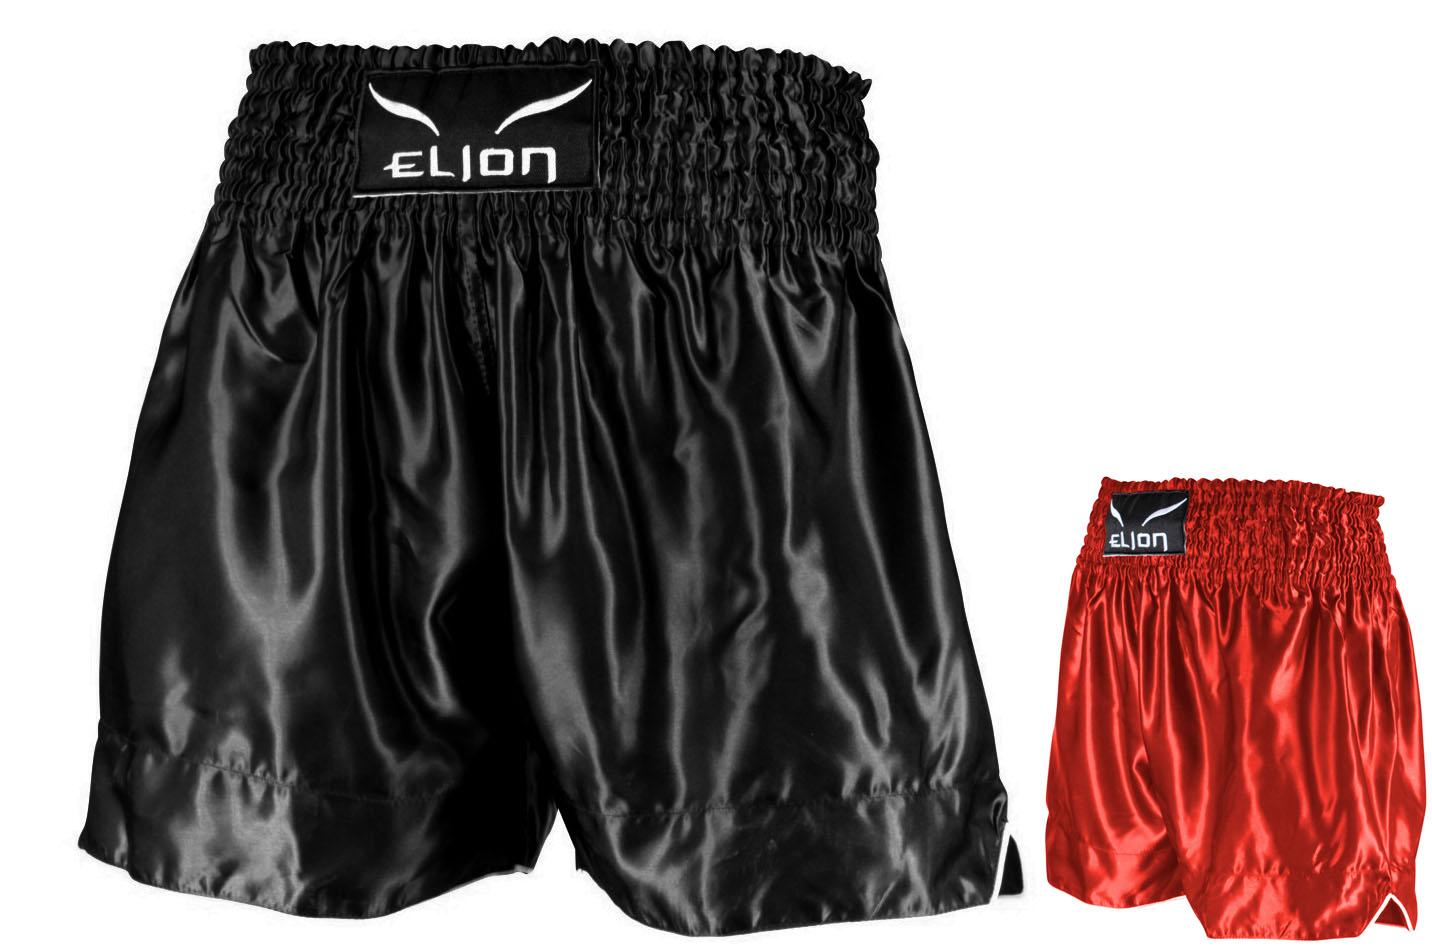 color rojo y negro Pantalones cortos para deportes de contacto Fairtex satinados